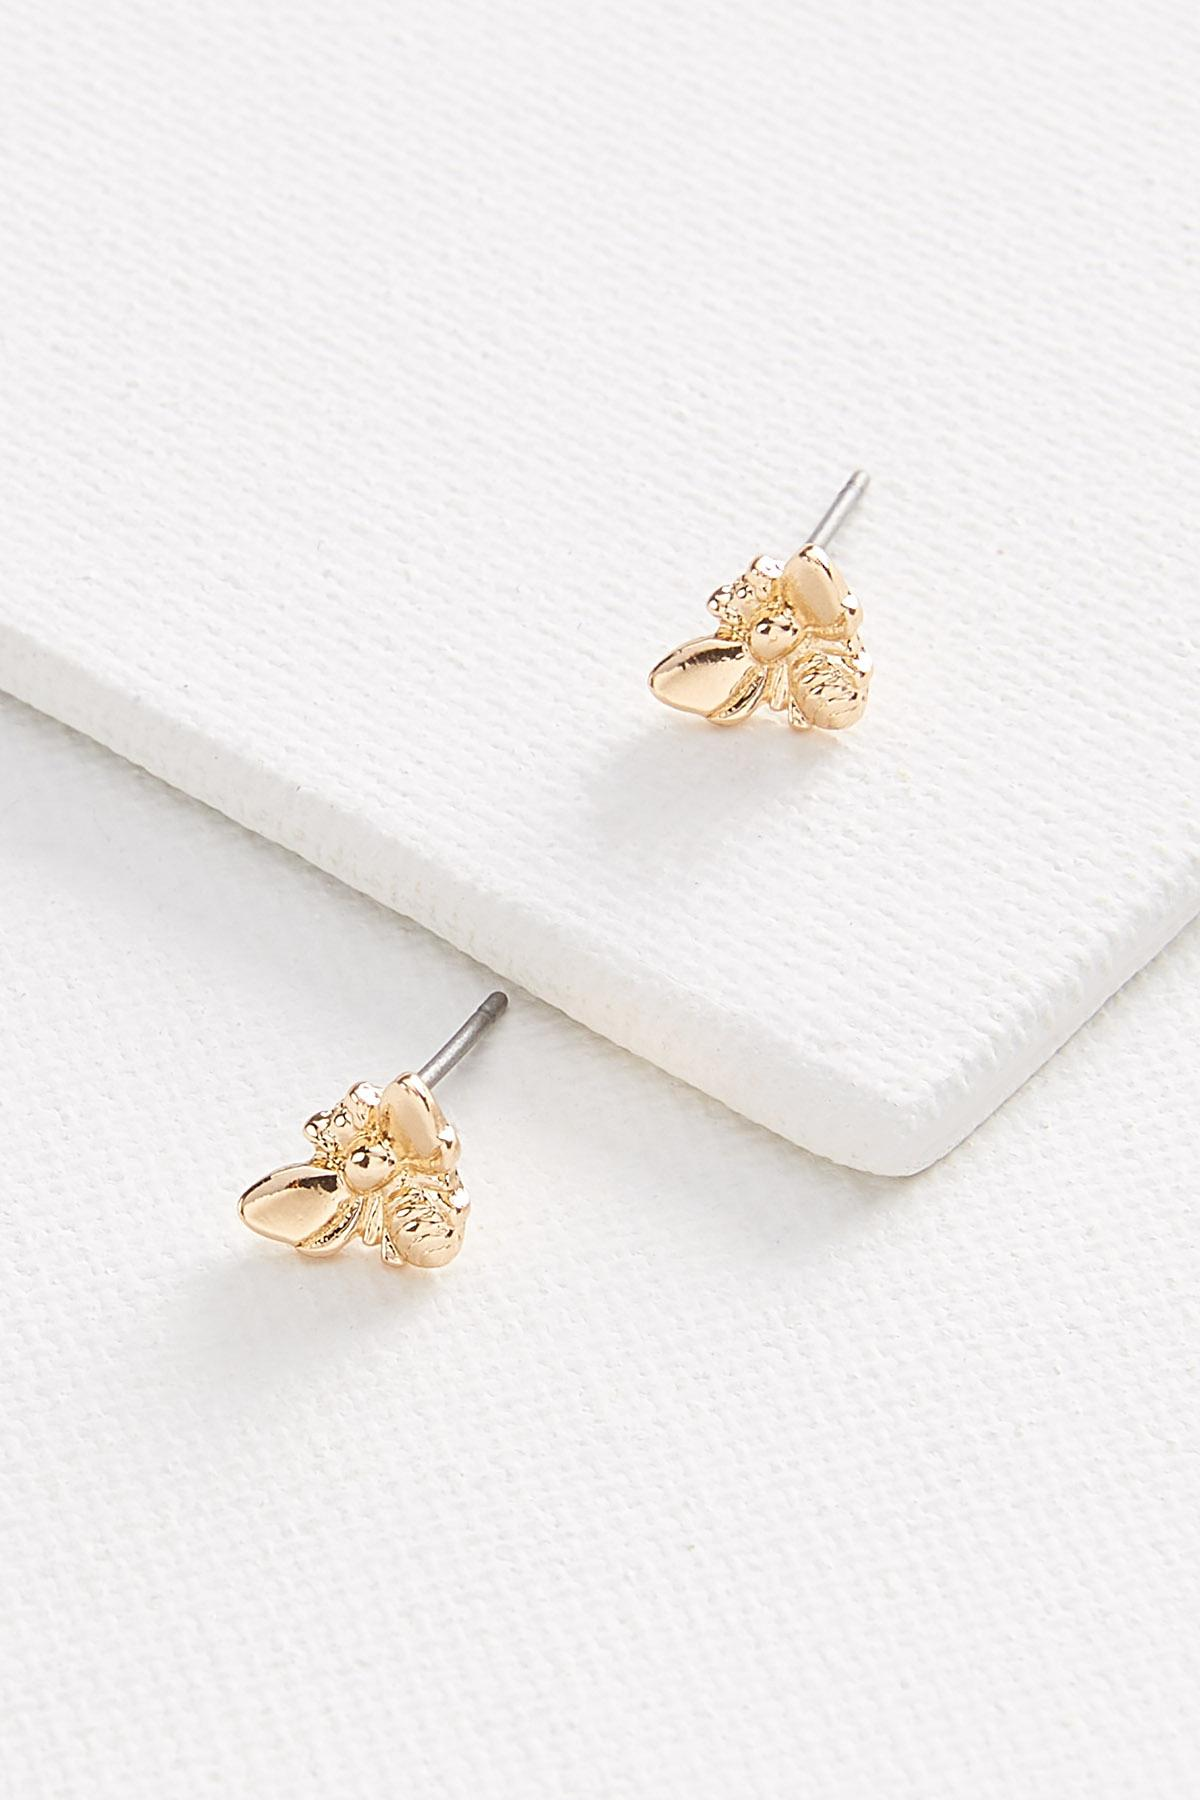 Itty Bitty Bee Earrings